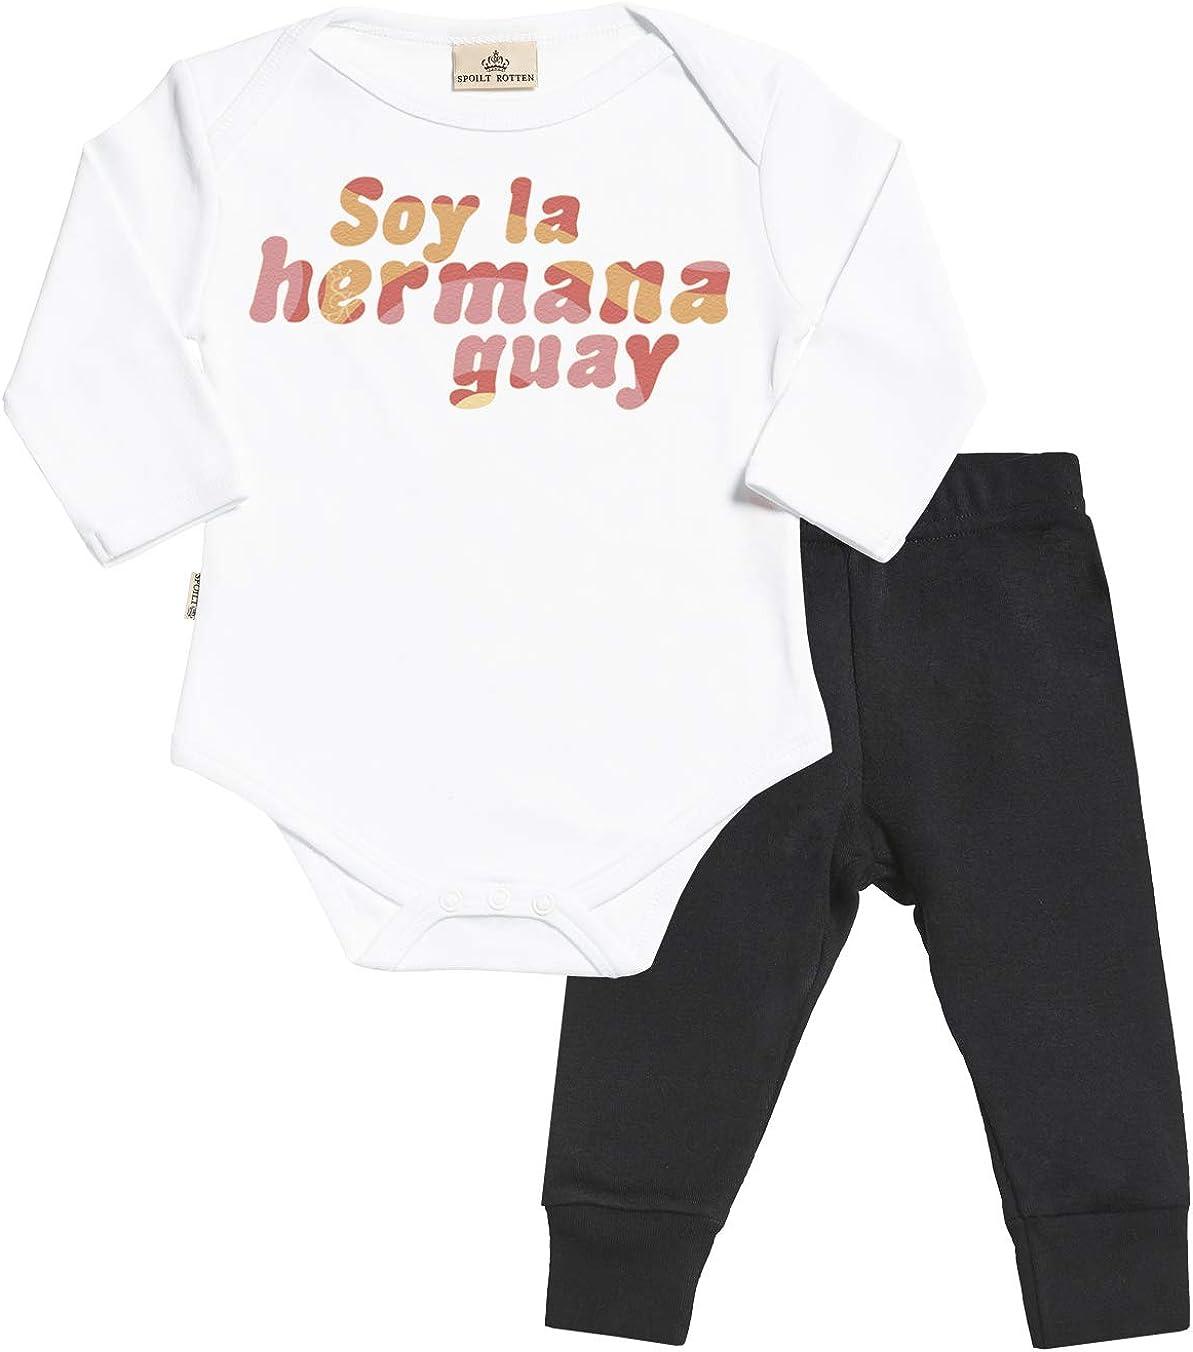 Spoilt Rotten SR - Soy la Hermana Guay Regalo para bebé - Azul Body para bebés & Negro Pantalones para bebé - Ropa Conjuntos para bebé